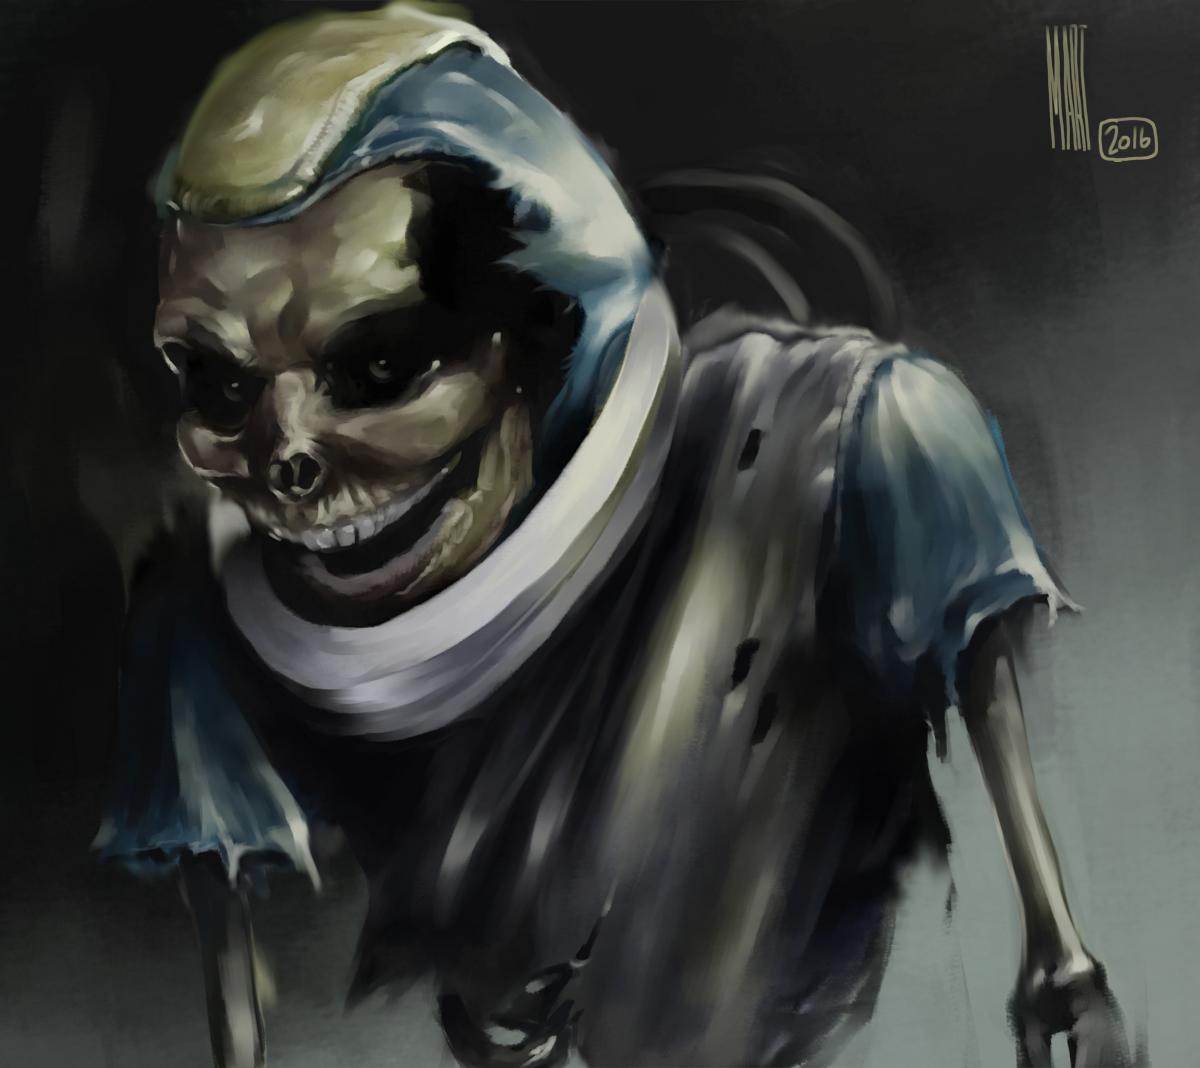 SPEEDPAINT something creepy| Krita 3.0